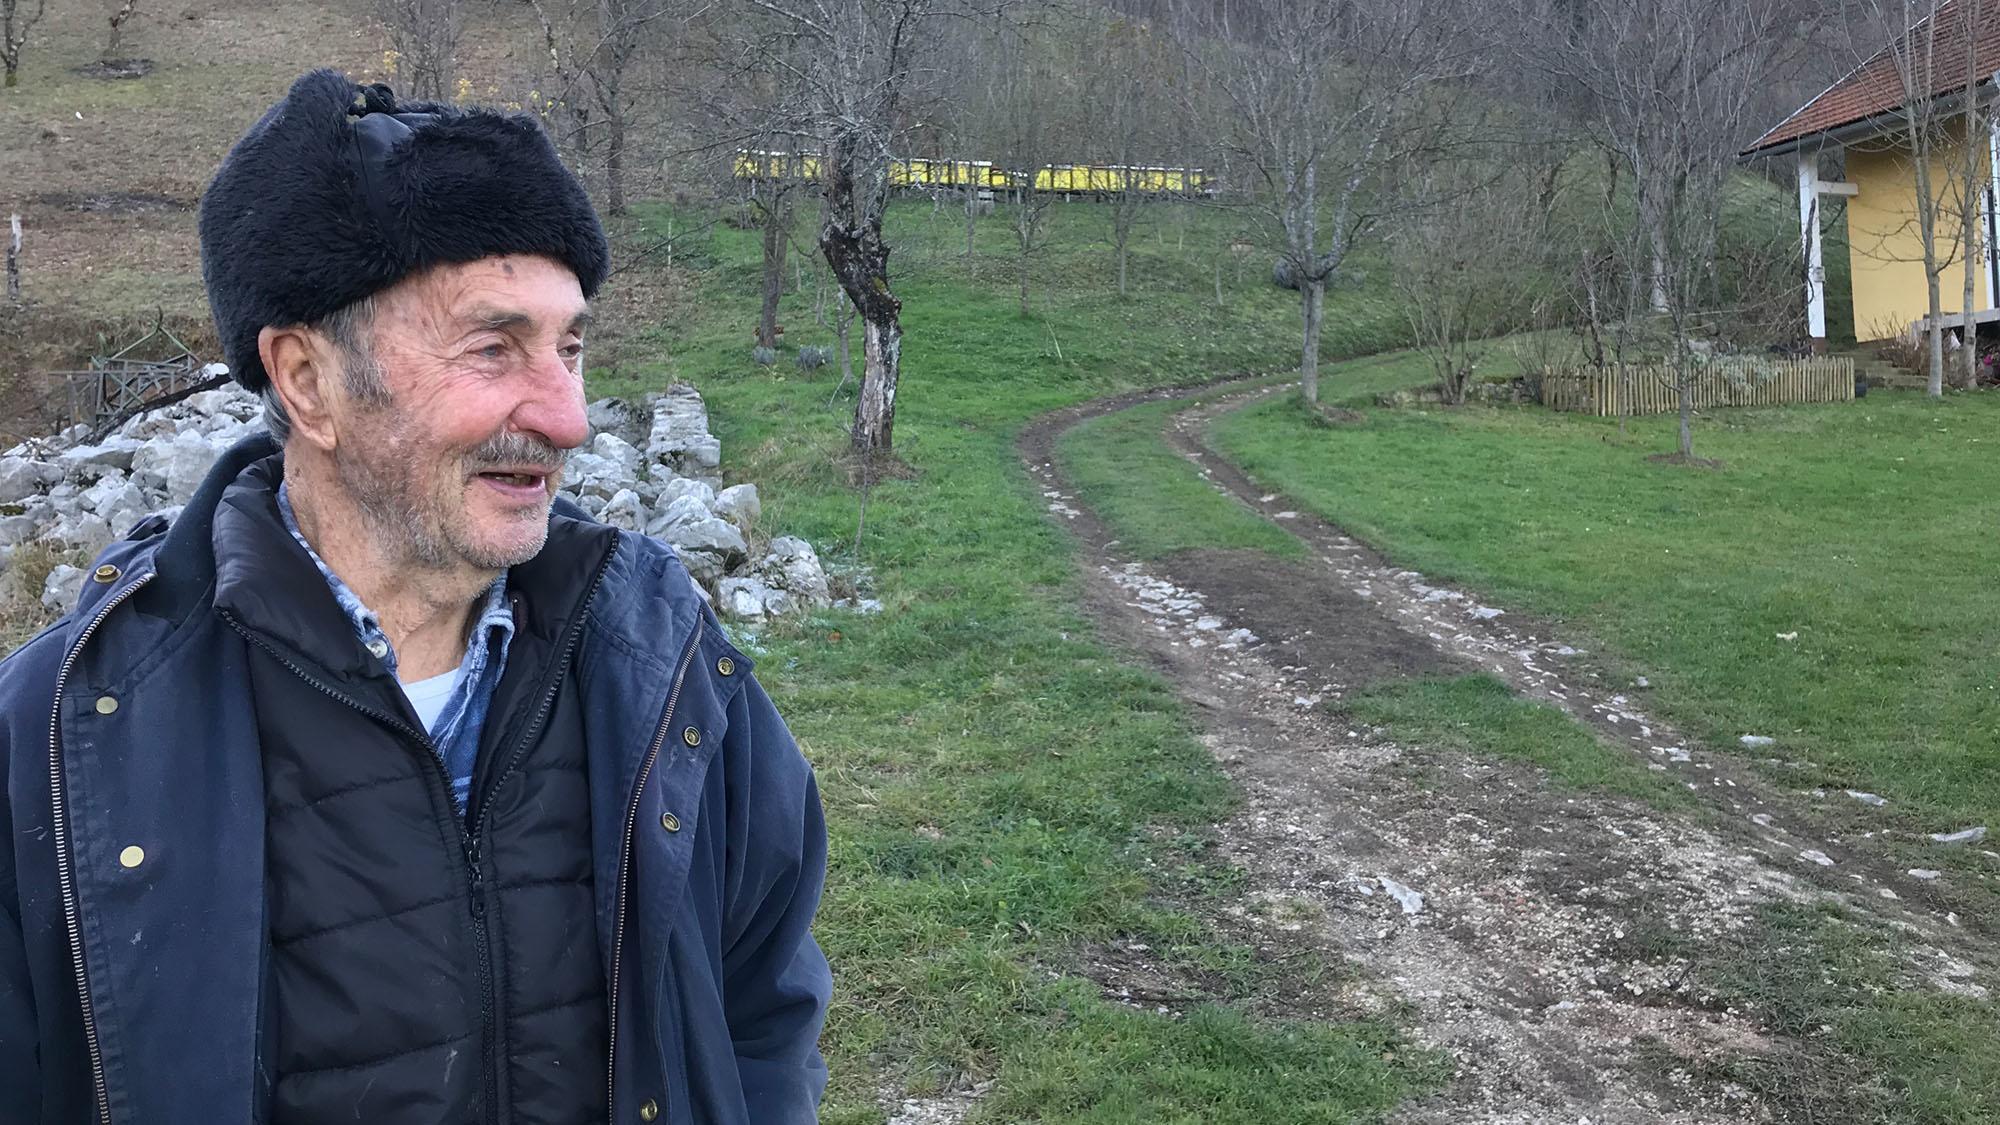 """Dort wohnt der 89-jährige Gojko Stipić: """"Jeden Tag gehen hier 50 (Anm. Menschen) vorbei. Von oben kommen sie und gehen Richtung Bihac. In die andere Richtung gehen sie nicht."""""""